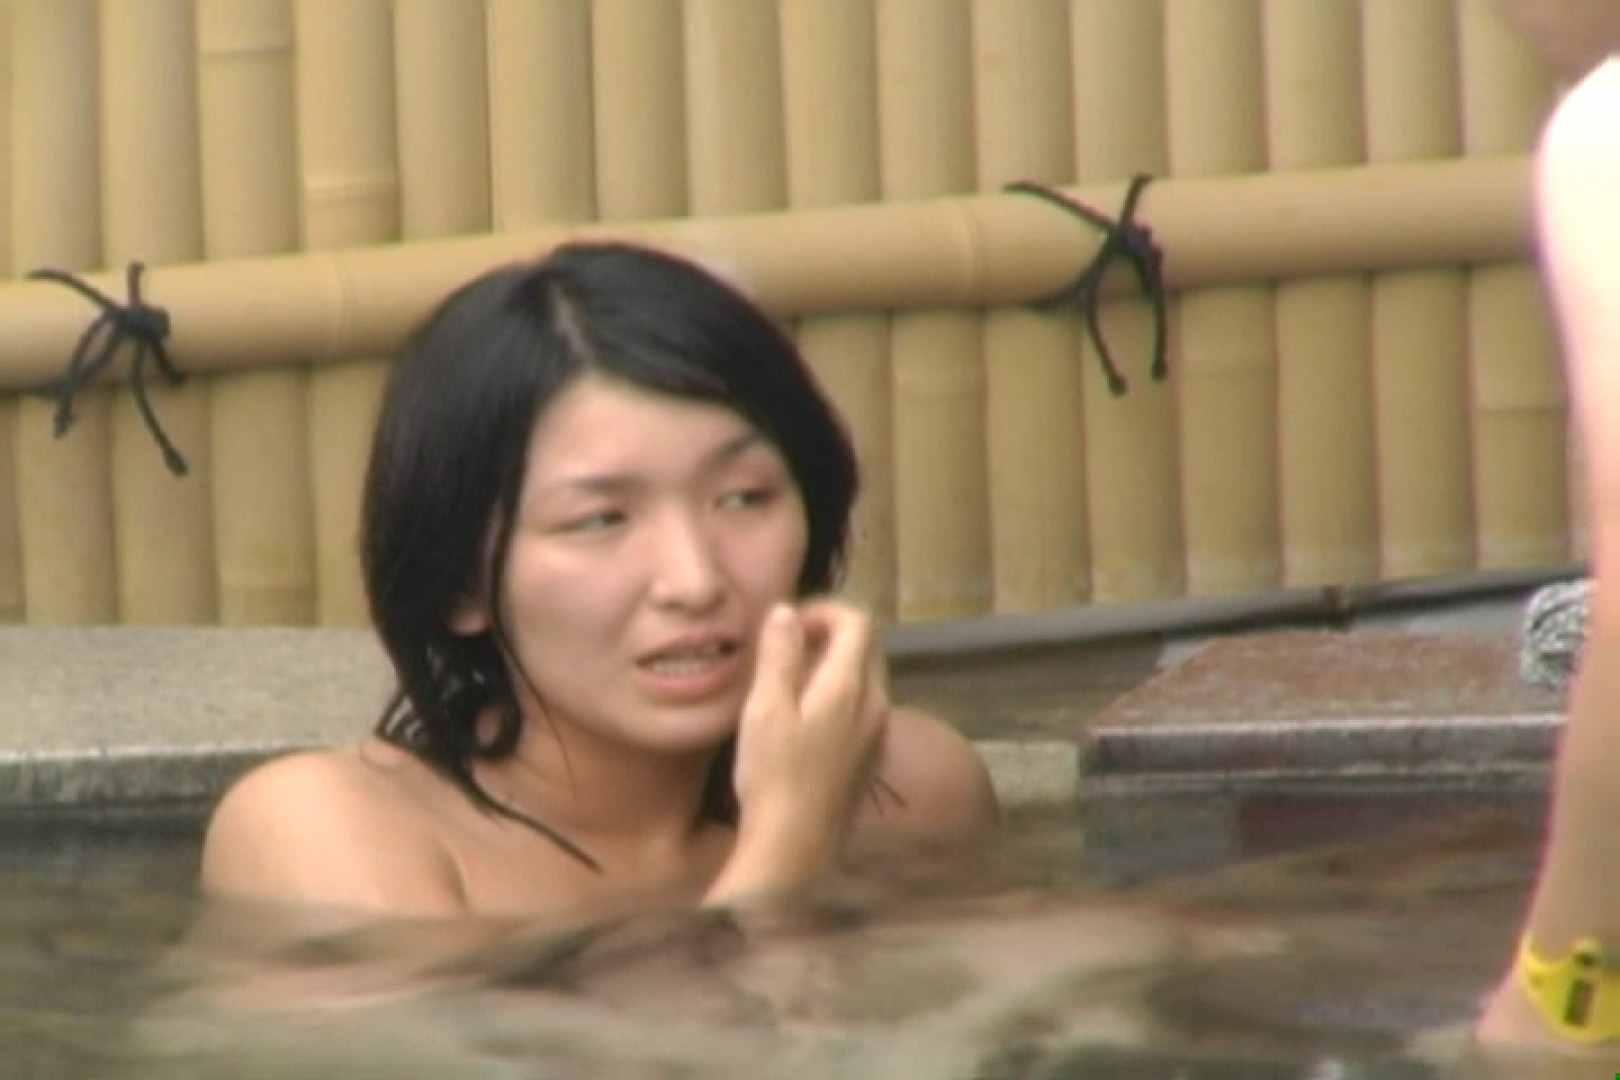 Aquaな露天風呂Vol.618 盗撮 | OLのエロ生活  67連発 58